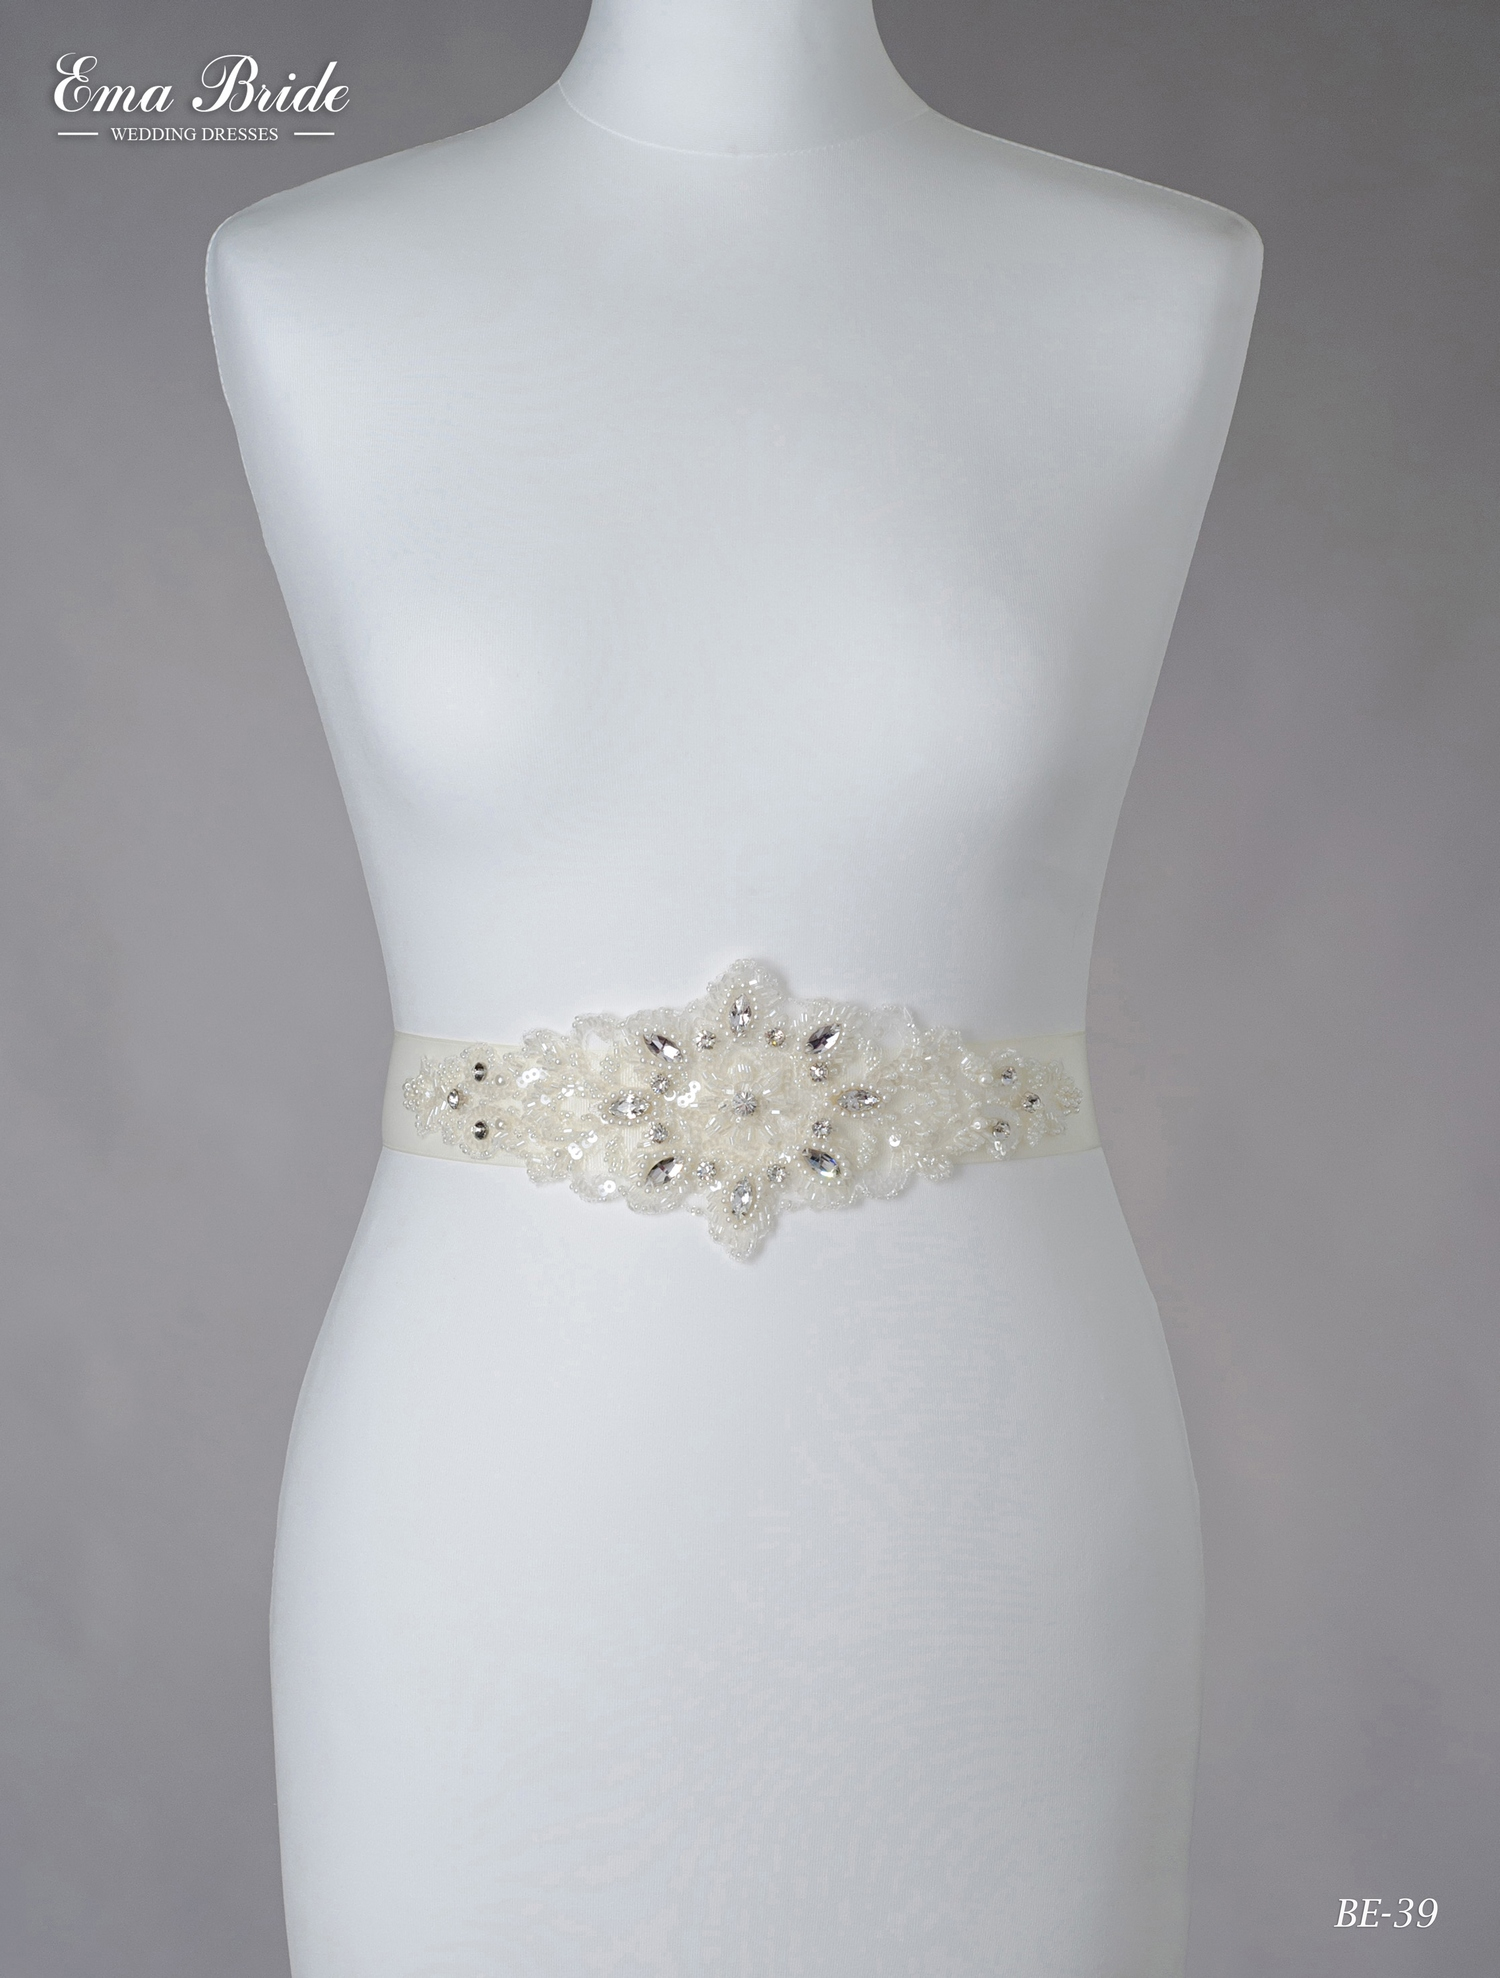 Brâuleț pentru rochie de mireasă Be-39